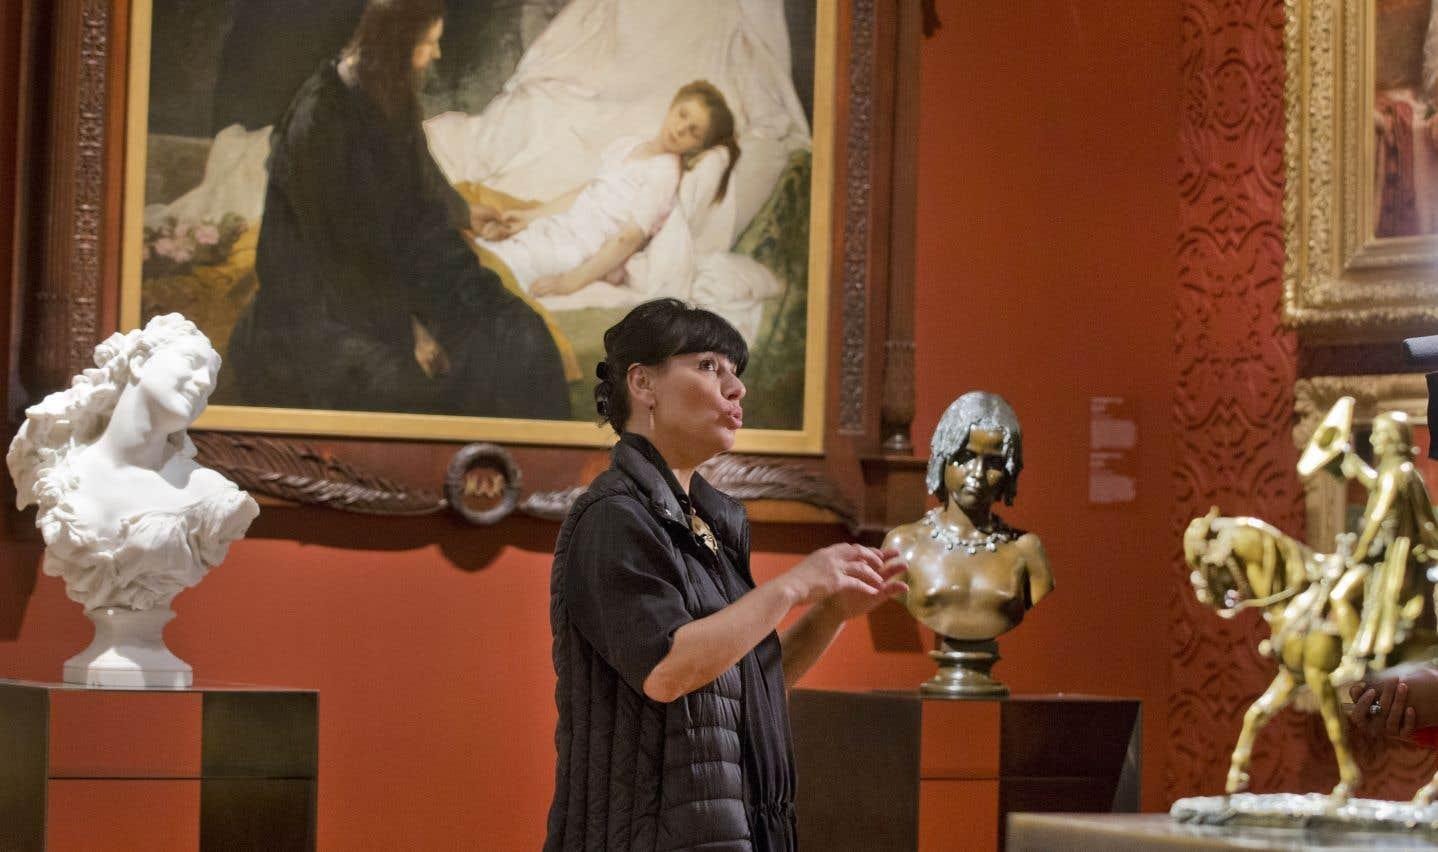 Nathalie Bondil souhaite que la nouvelle collection intègre une consonance locale, qui témoignera de l'immigration à Montréal par exemple. De nouvelles œuvres seront commandées à cet égard.